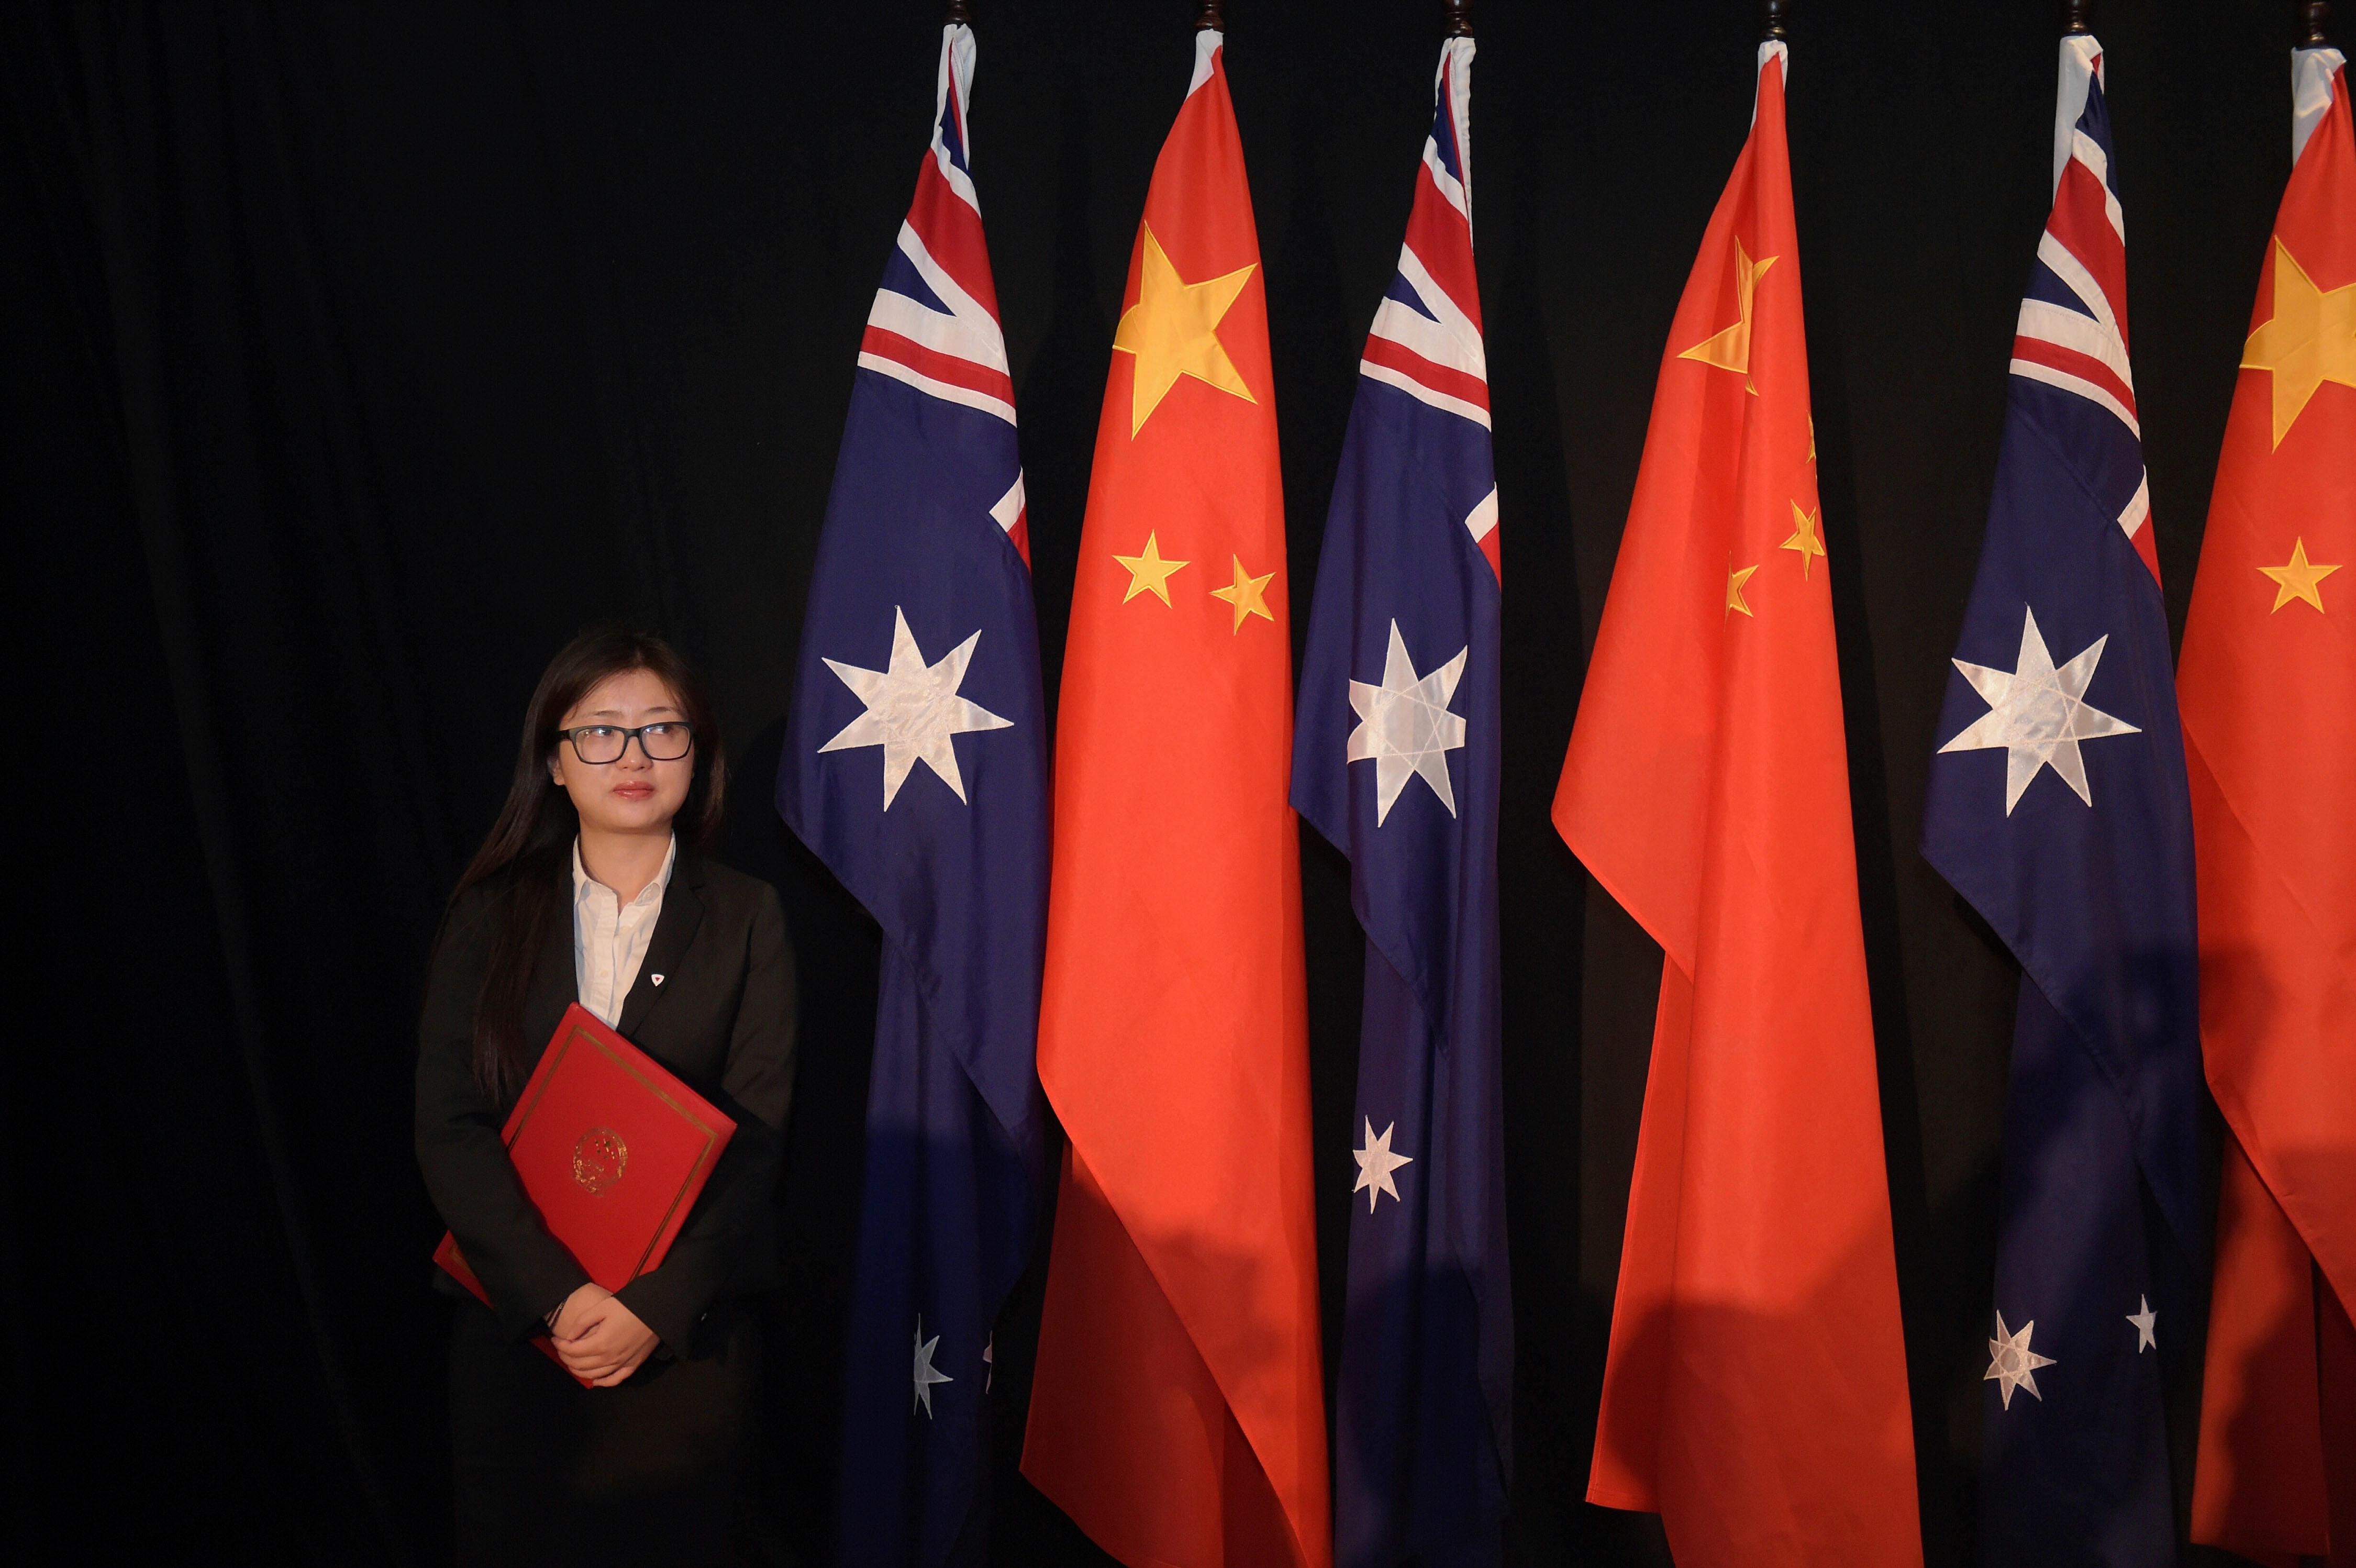 El portavoz de China lanza un nuevo ataque contra Australia, con la publicación de un cartel de propaganda dirigido a las tropas australianas.